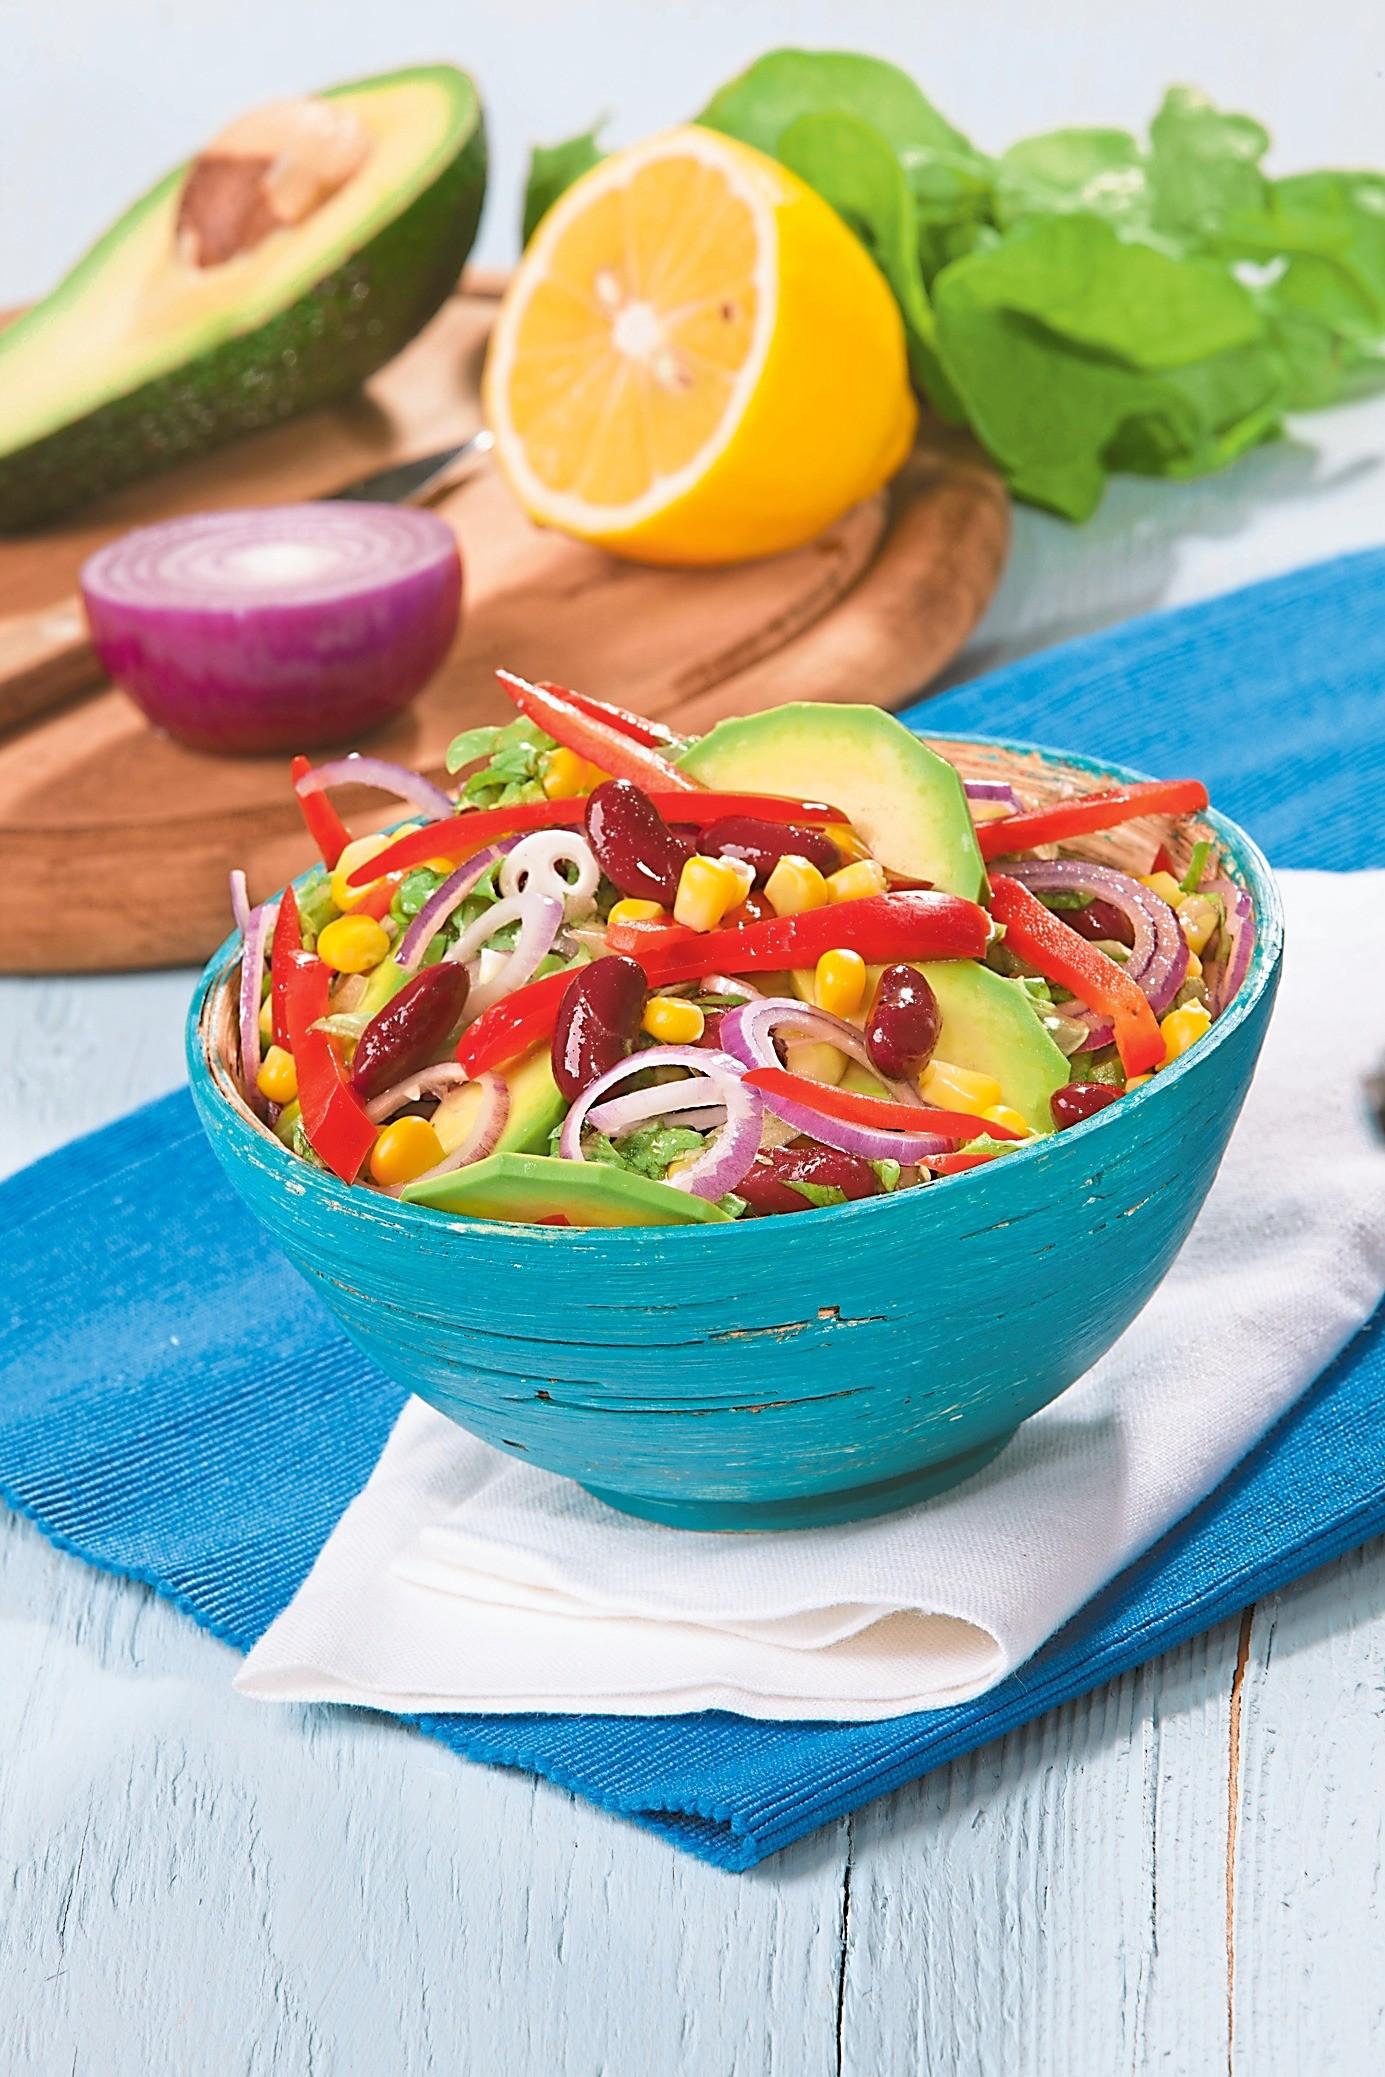 ЗОЖ-обед: рецепт салата с кукурузой